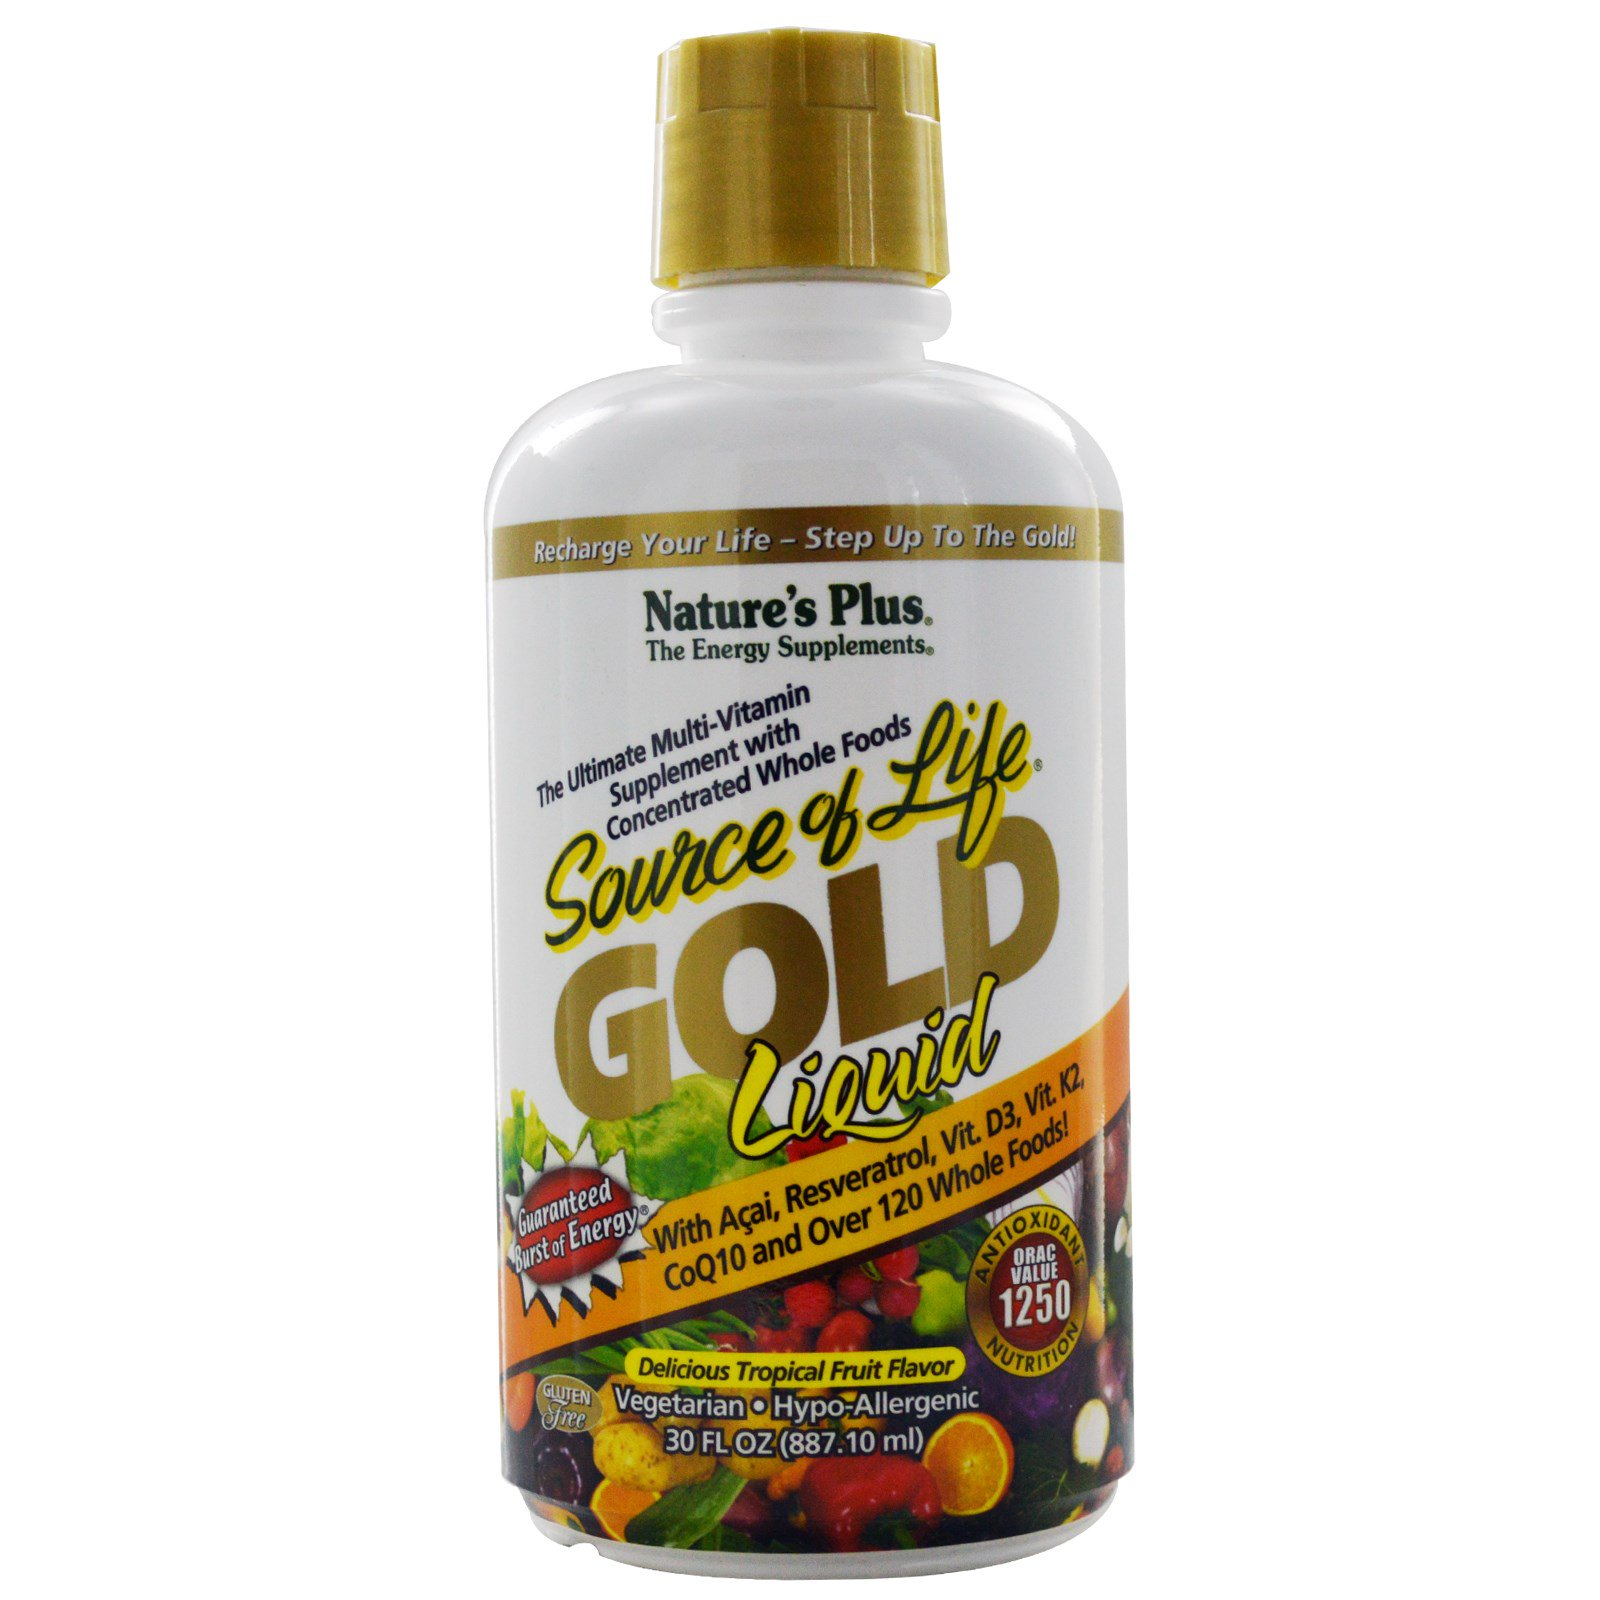 Nature's Plus, Source of Life, золотая жидкость, отличный вкус тропических фруктов, 30 жид. унций (887,10 мл)